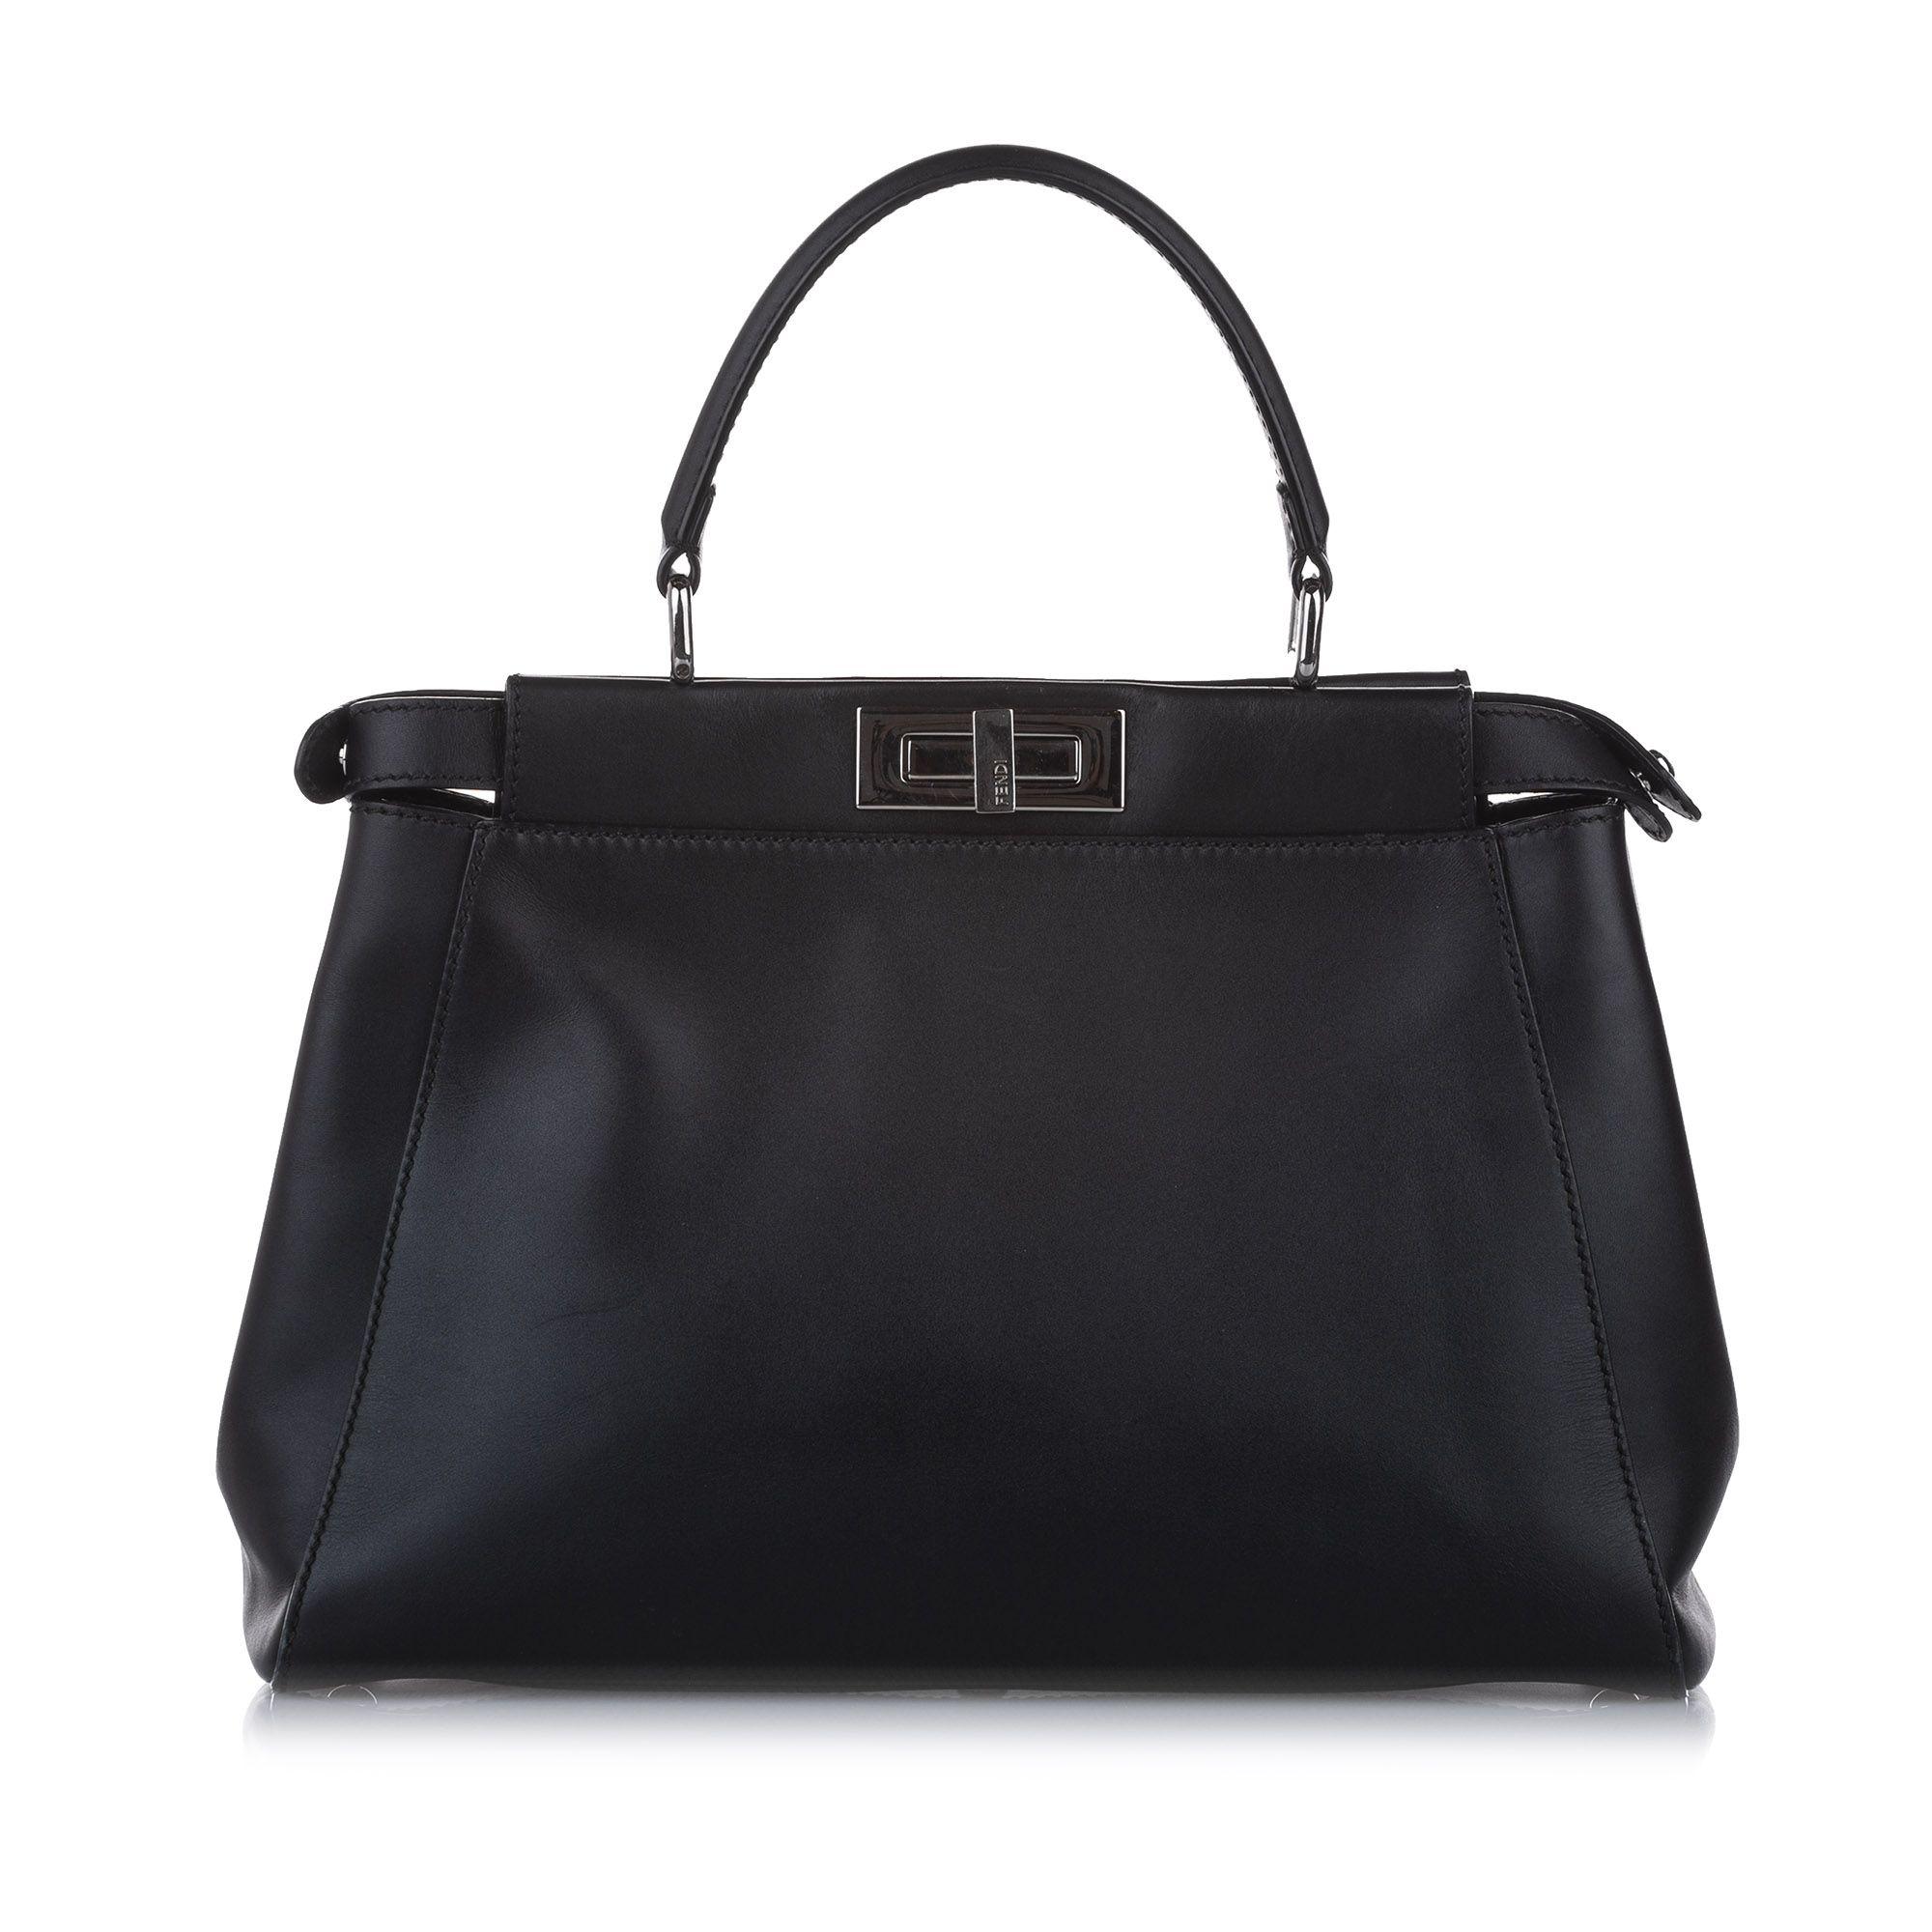 Vintage Fendi Medium Peekaboo Leather Satchel Black